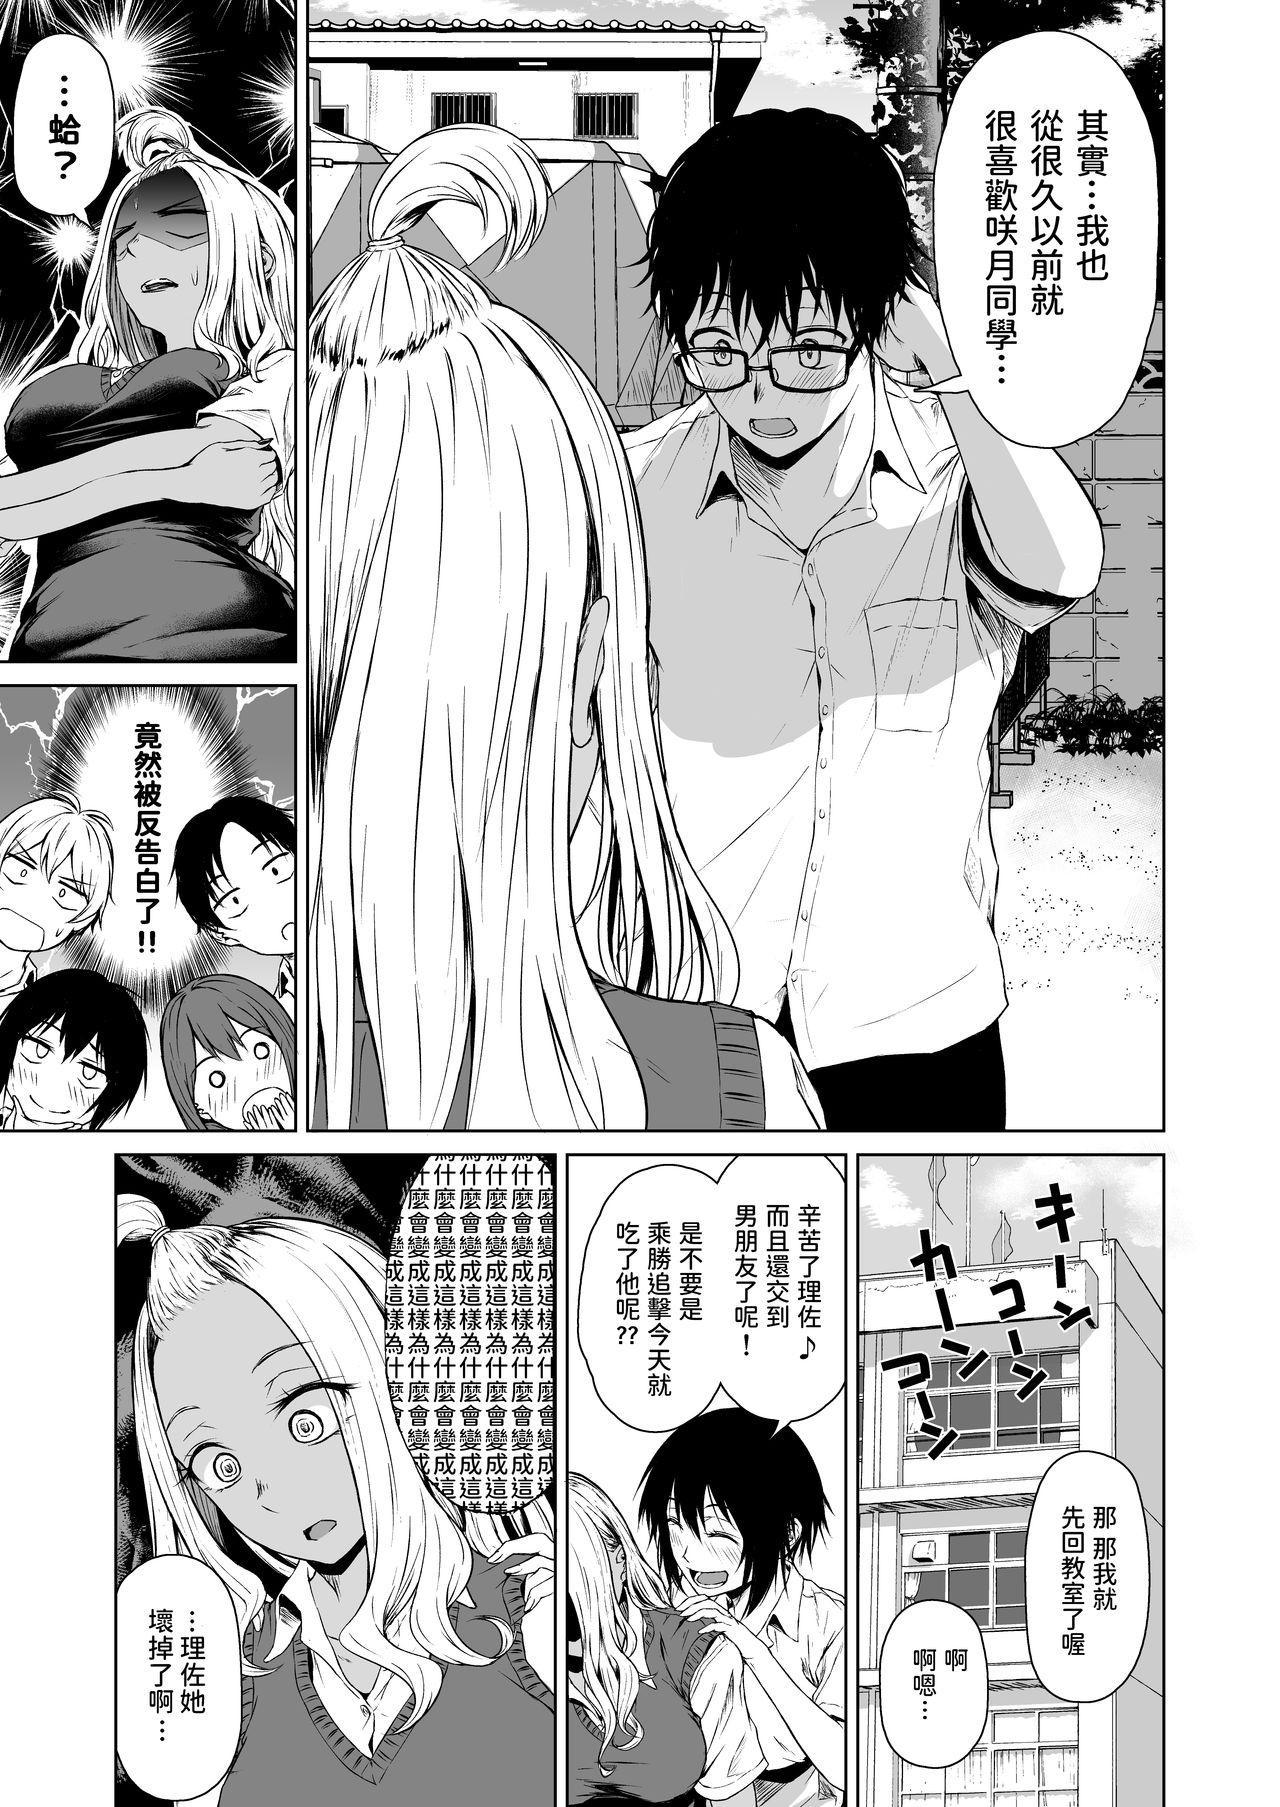 Gal to InCha no Kousai Shuukan. 8